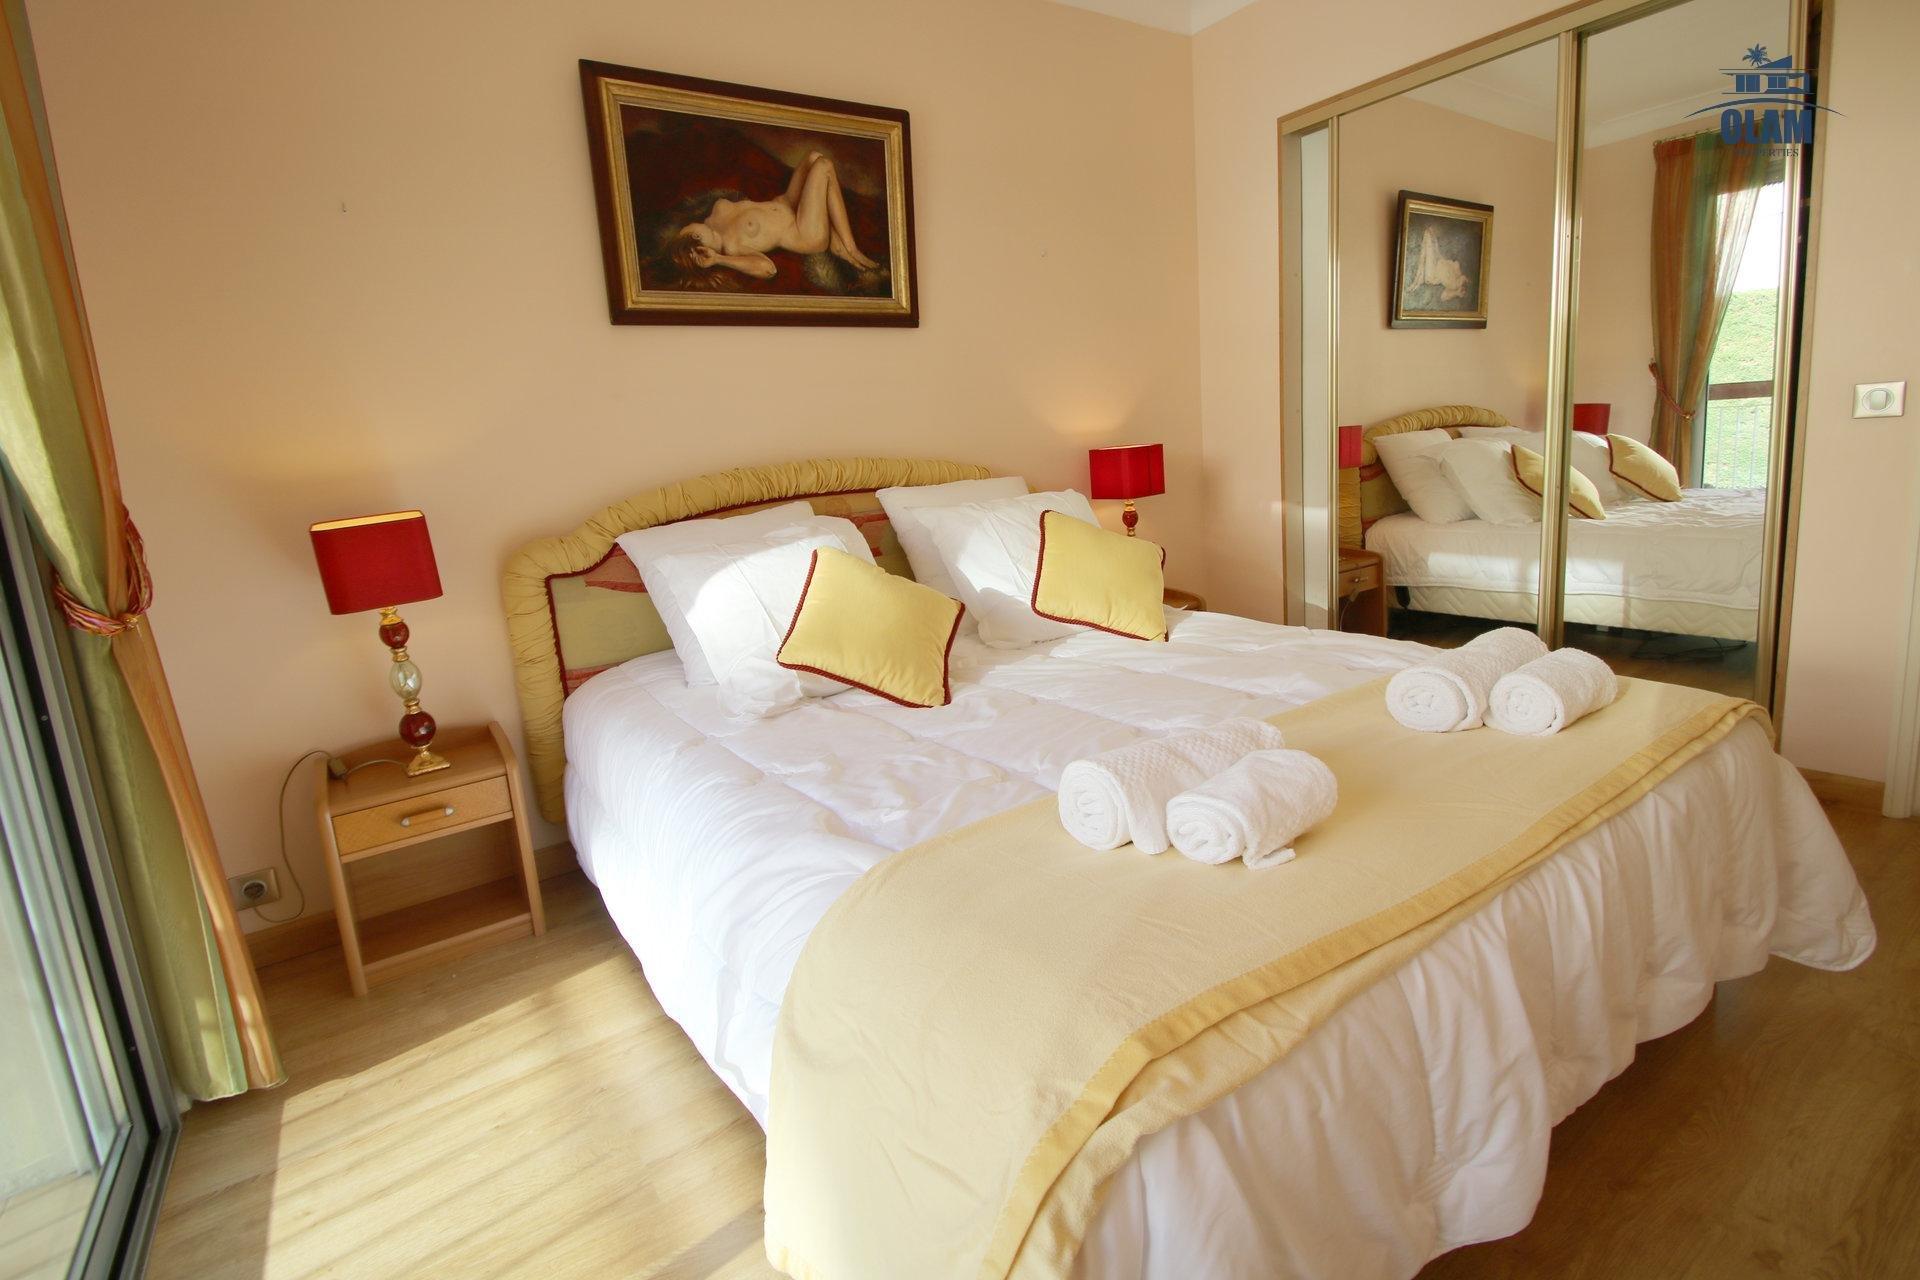 Grande chambre, lit 160, patio, Cannes, Croisette, vacances, congrès